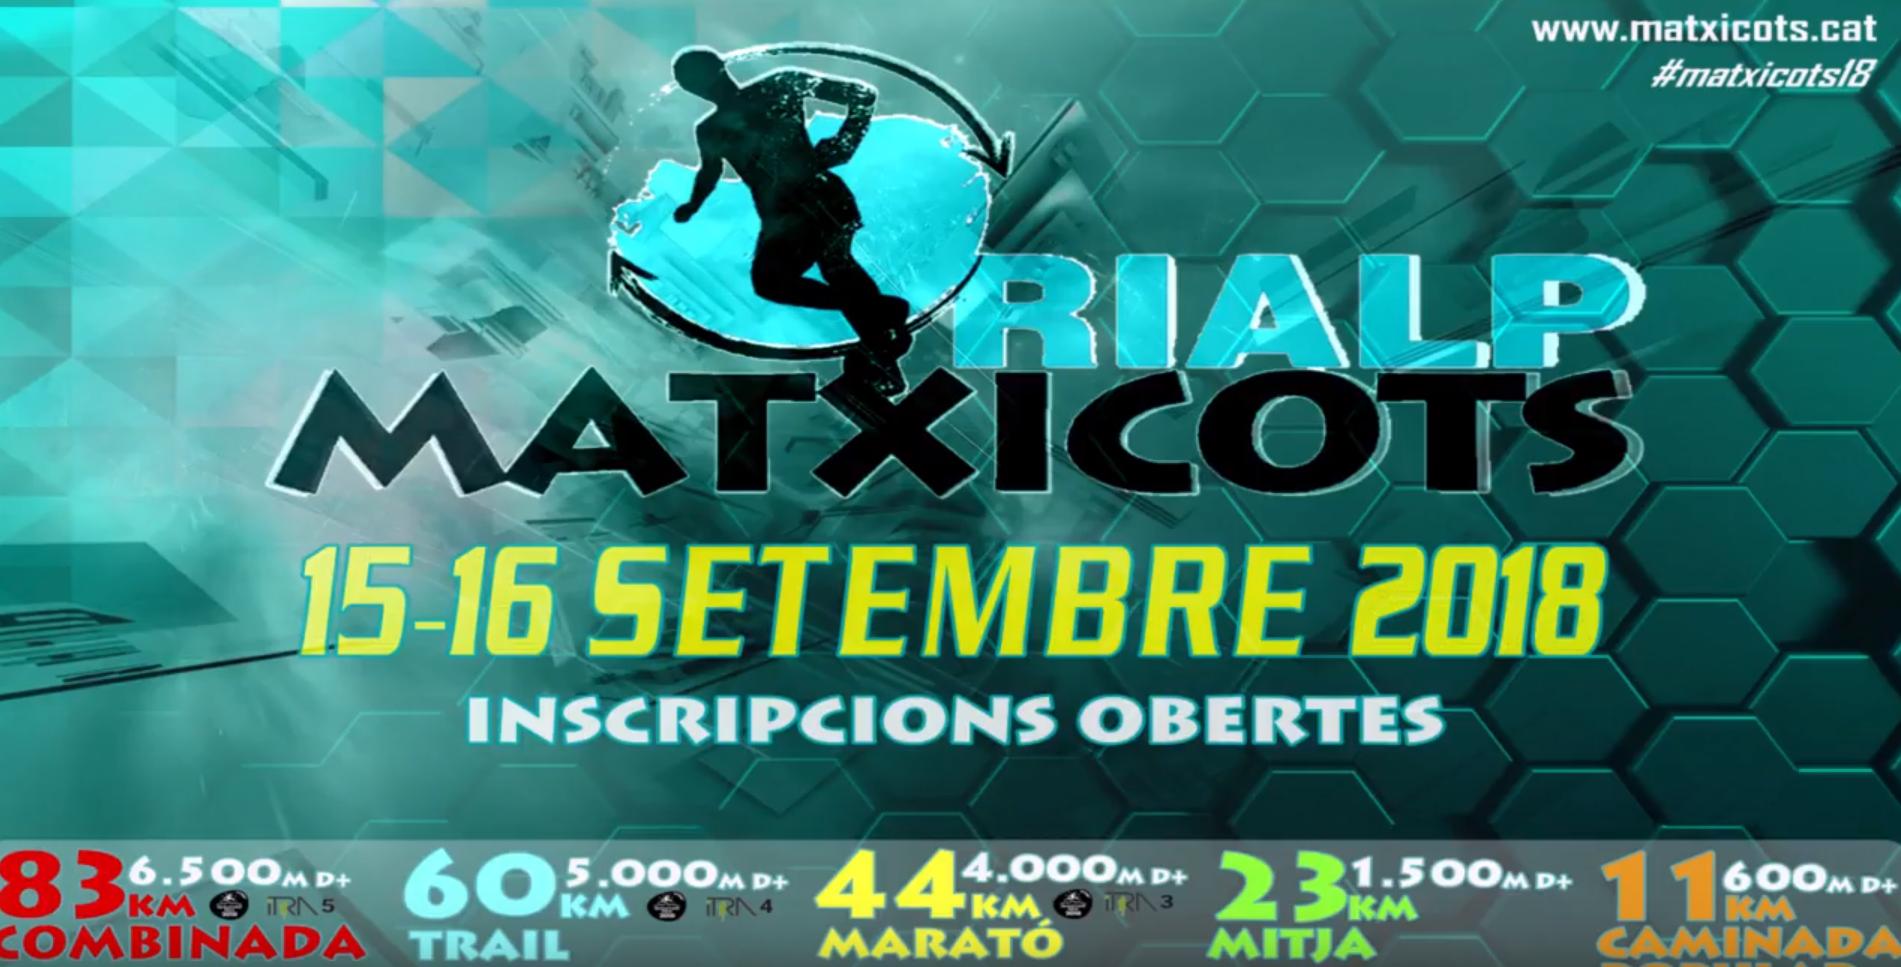 Ultra trail Pyrénées RIALP MATXICOTS